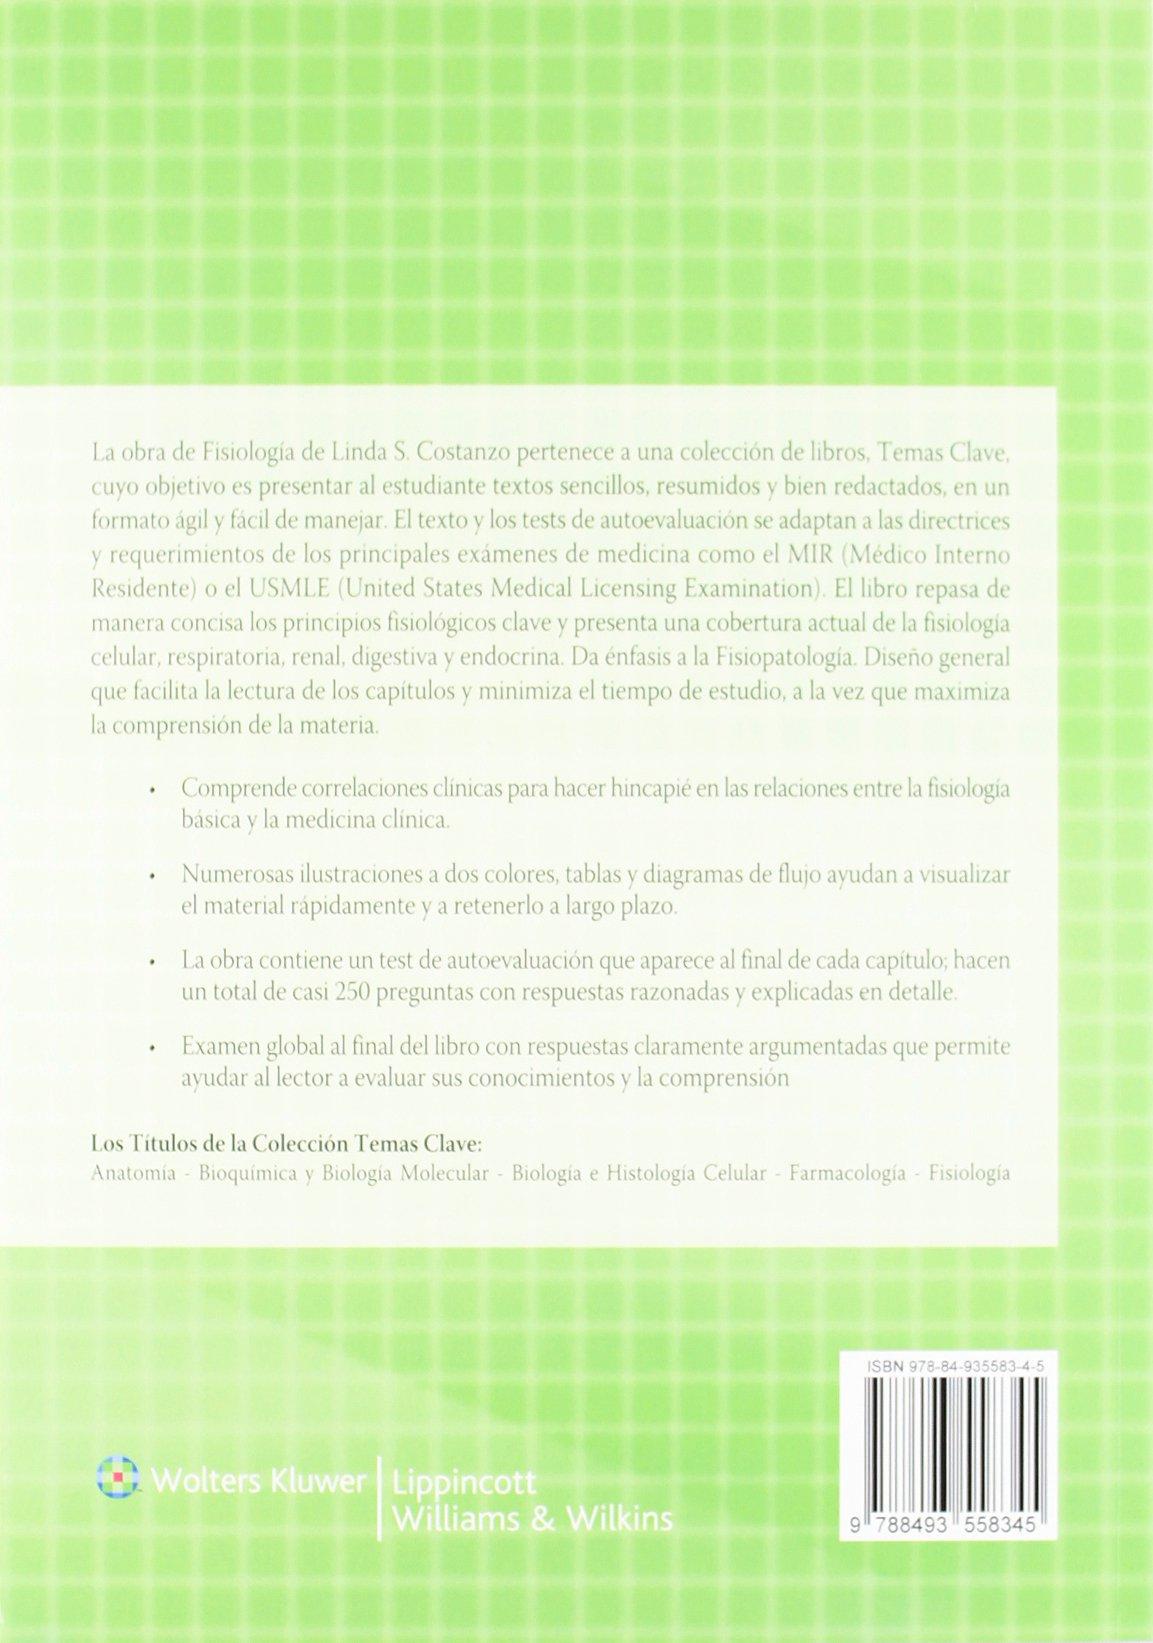 Fisiología (Temas clave): Amazon.es: Linda S. Costanzo, Beatriz ...